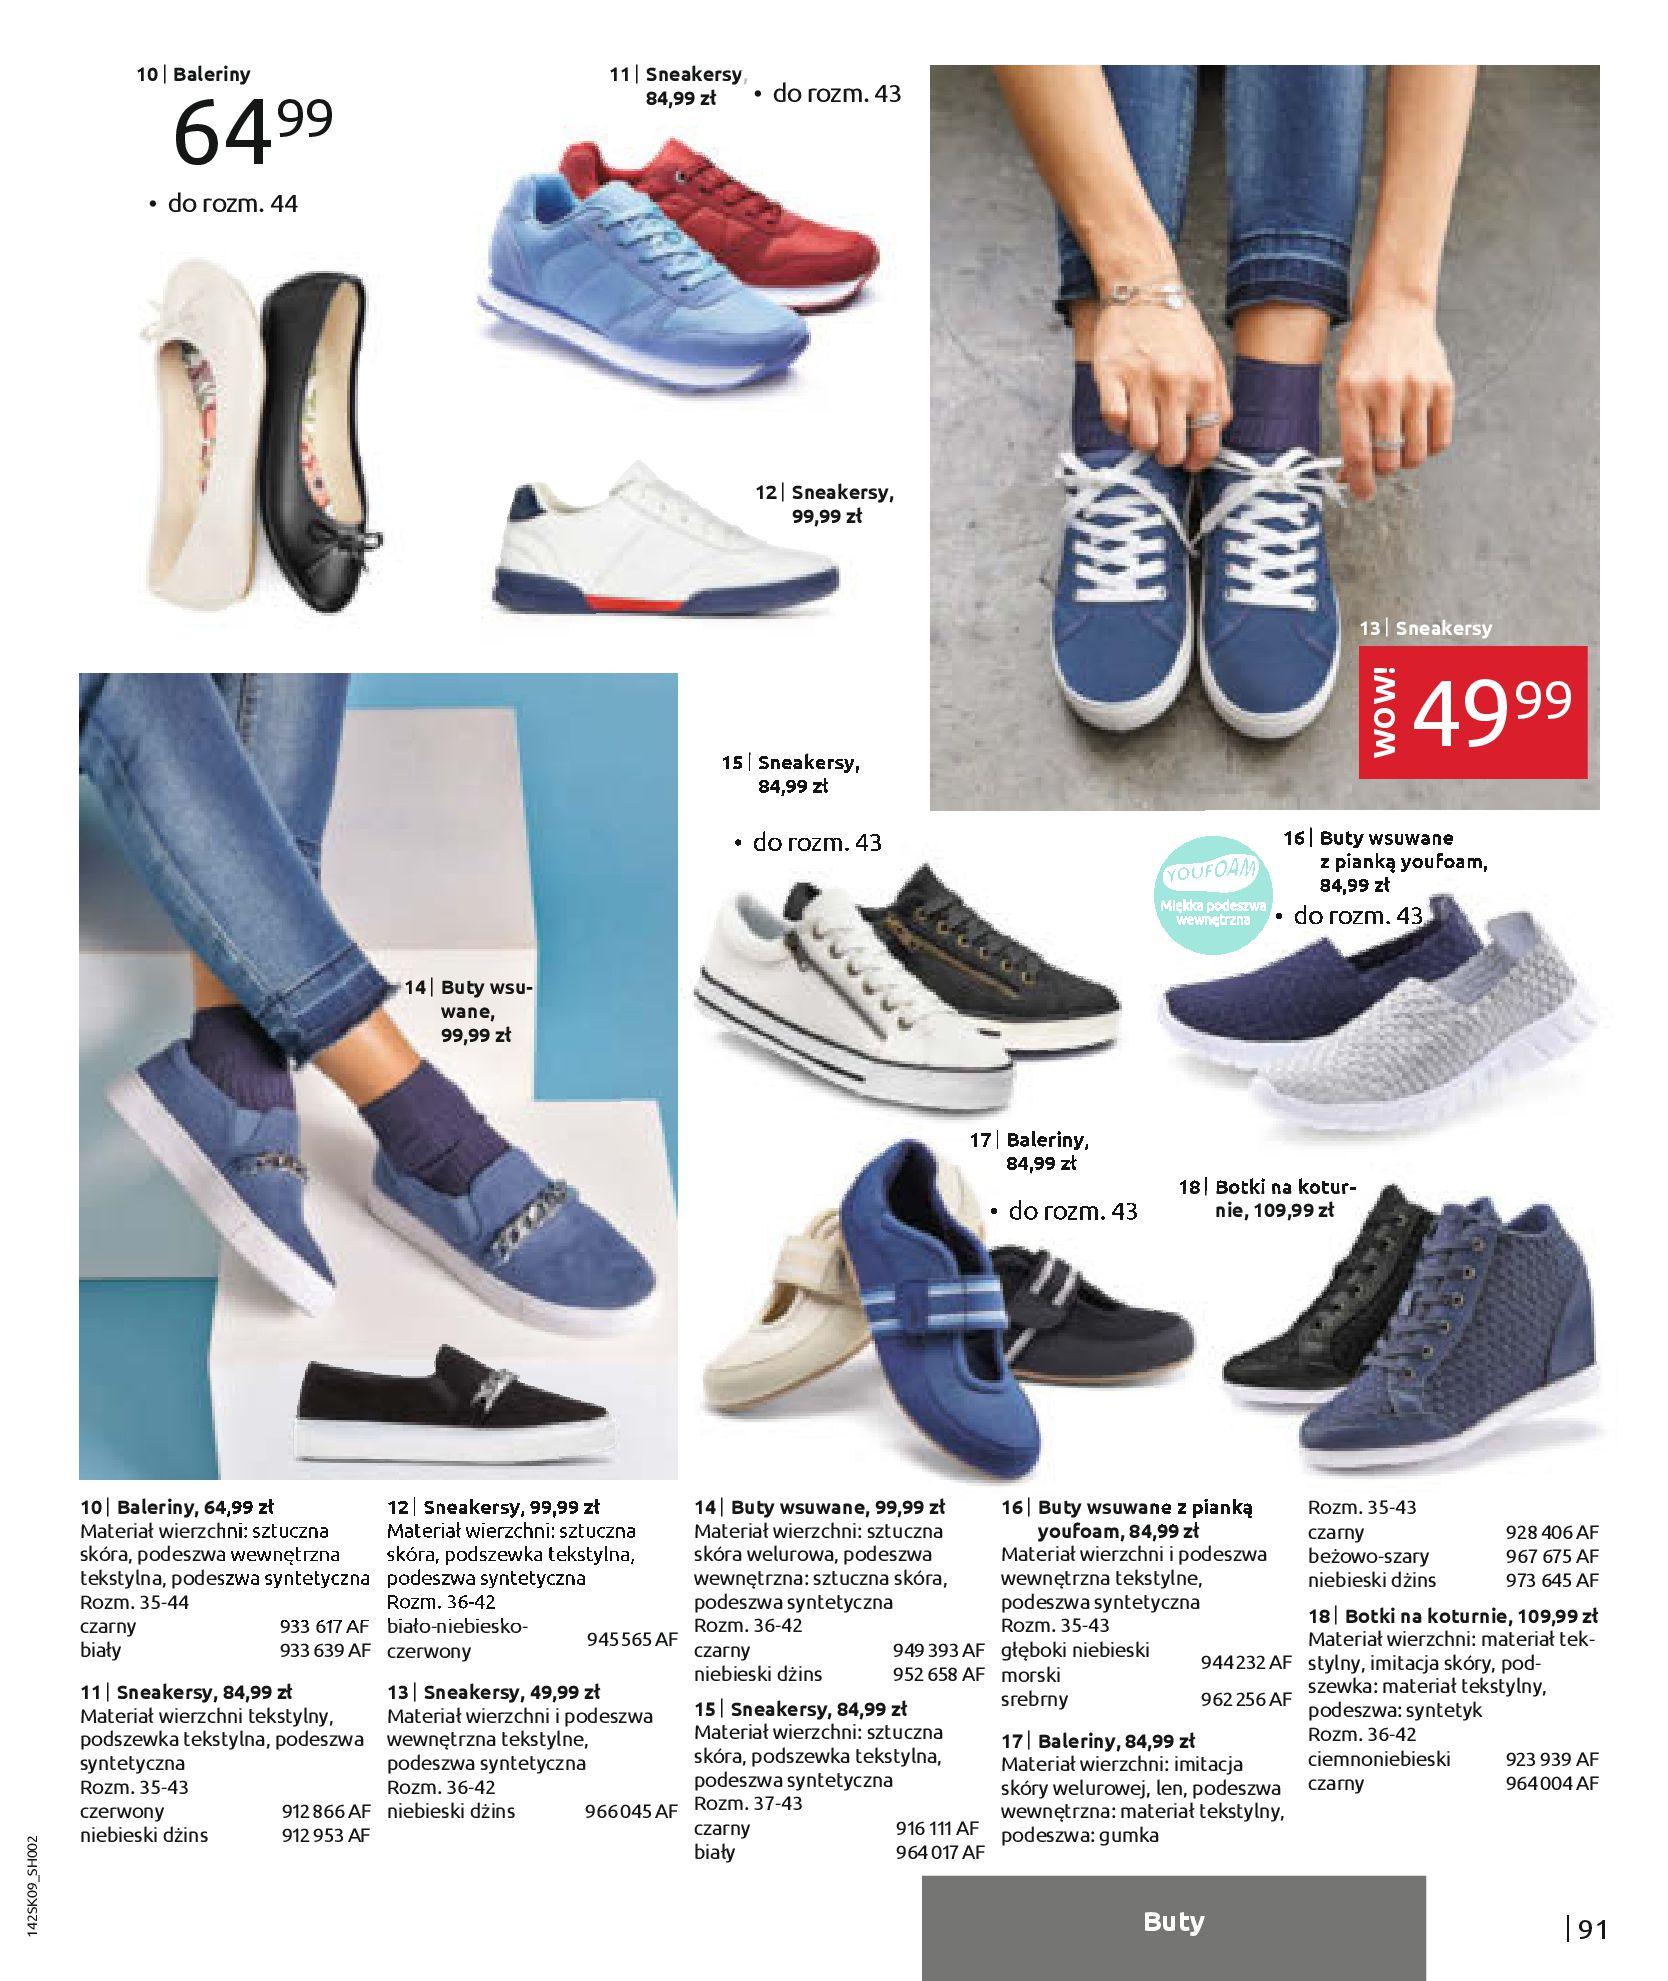 Gazetka Bonprix - Jesienny look-31.08.2020-28.02.2021-page-93